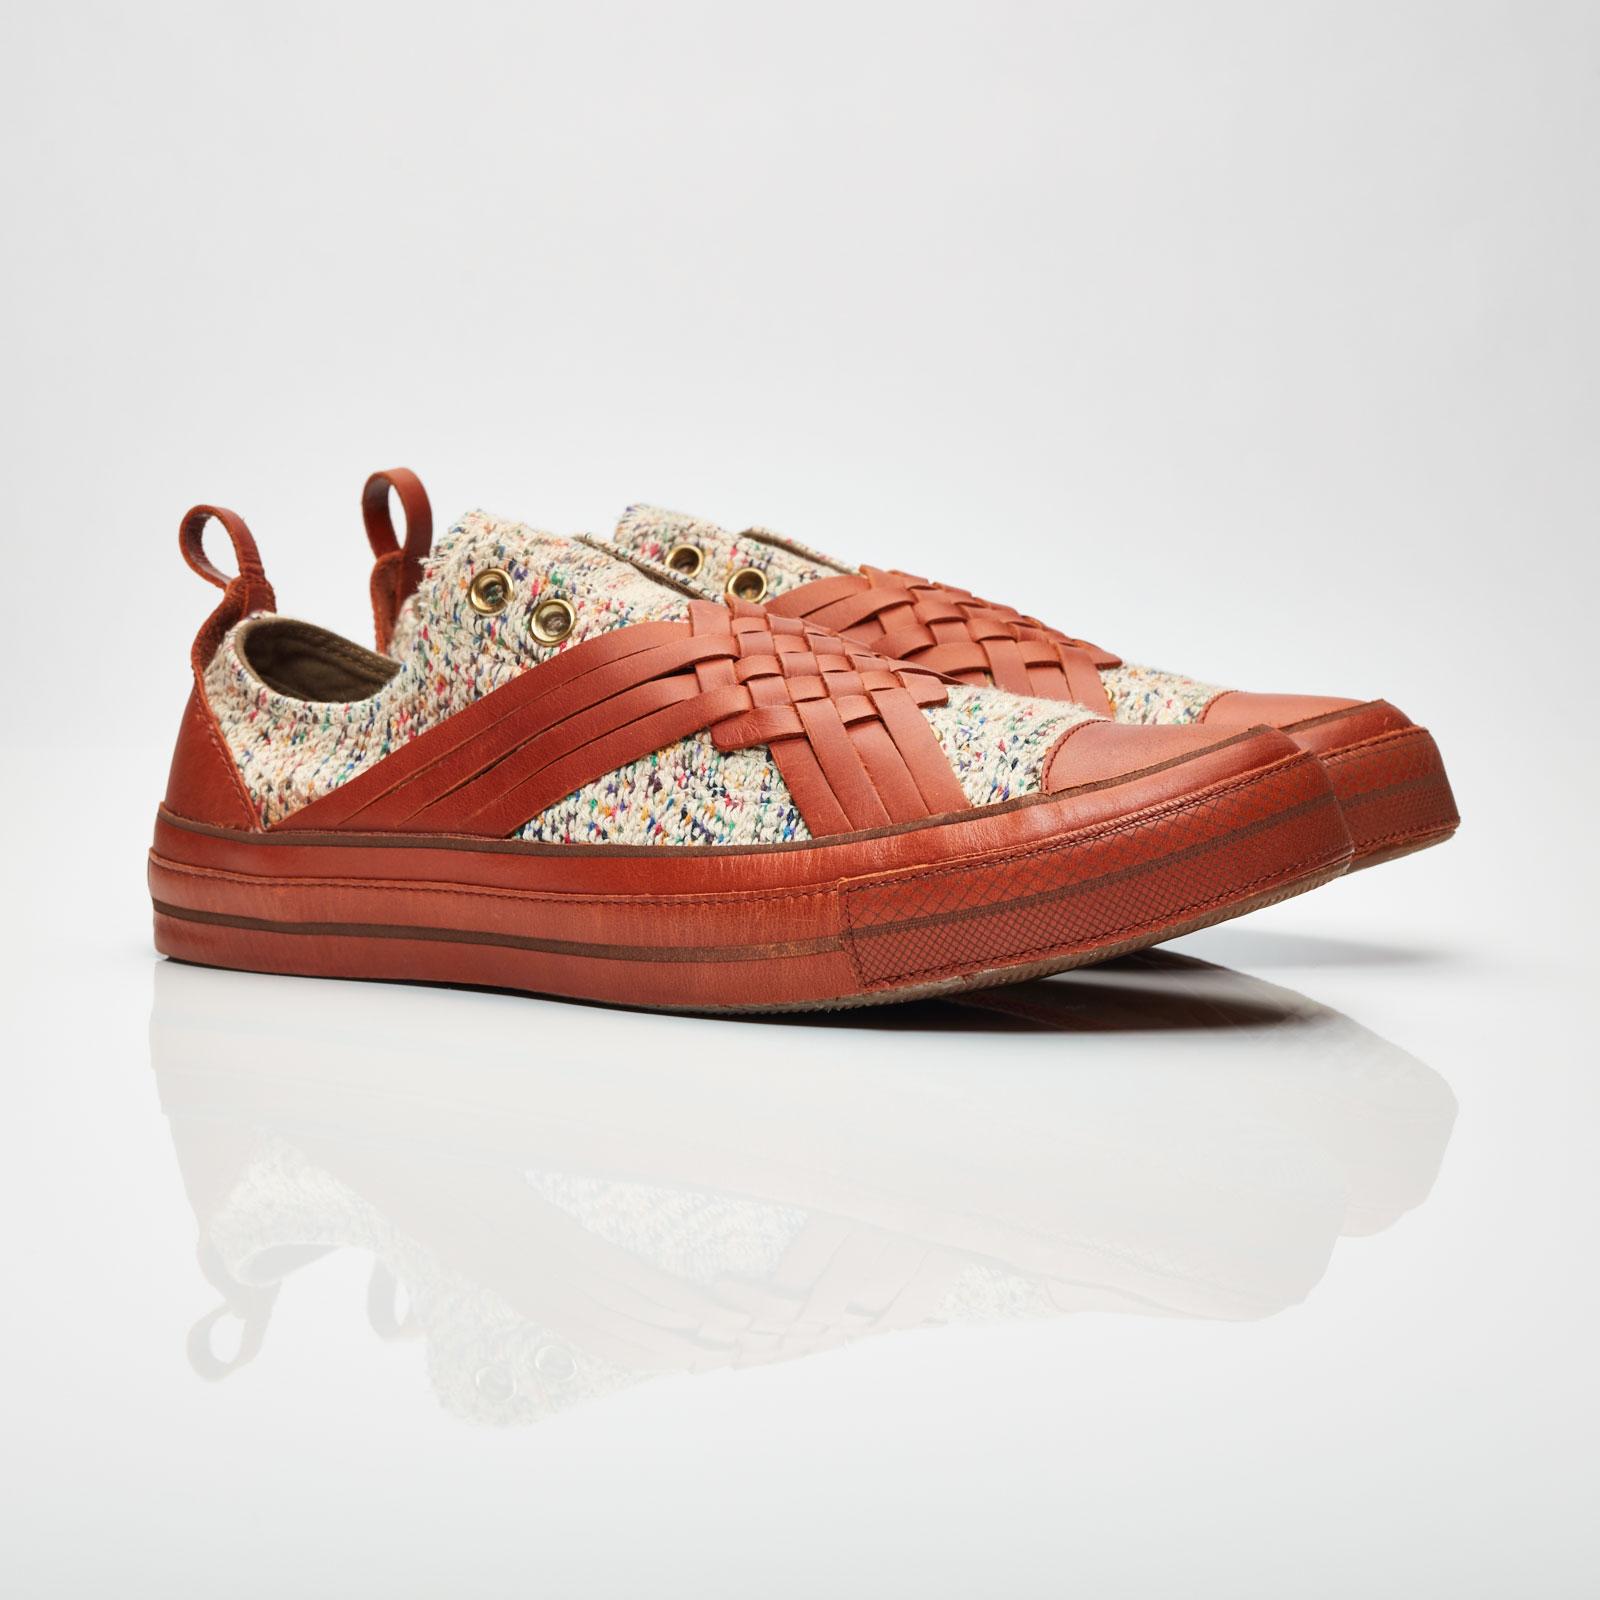 ad5505a1e8 Converse Chuck 70s Slip x Missoni - 157258c - Sneakersnstuff ...